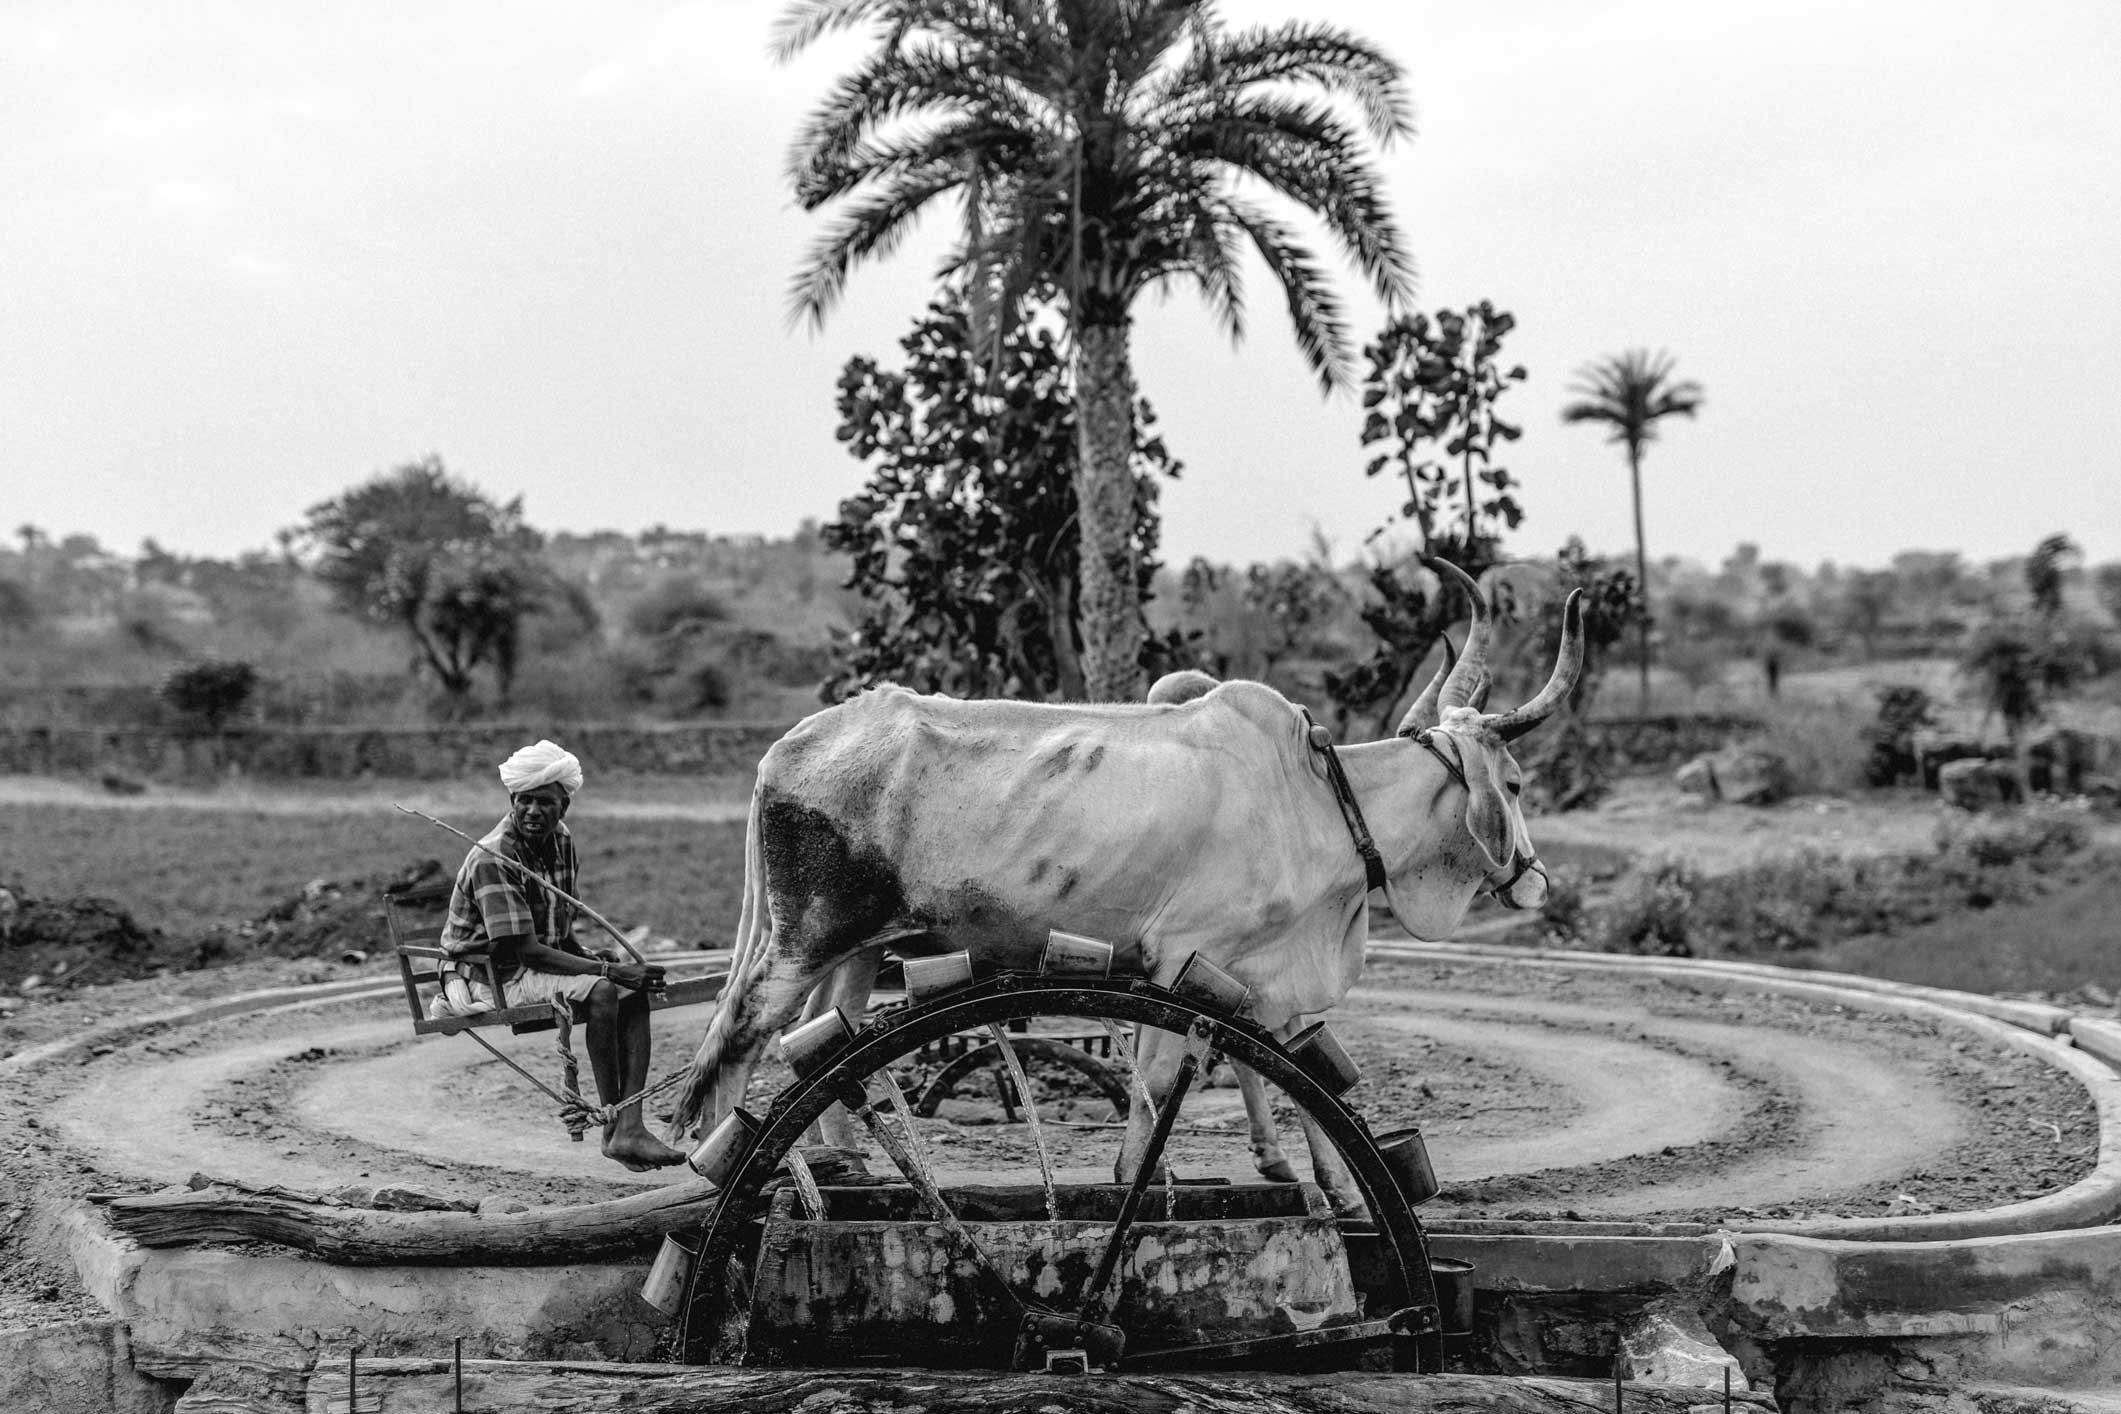 India_Travel_2018_Ilsoo_van_Dijk_-7132